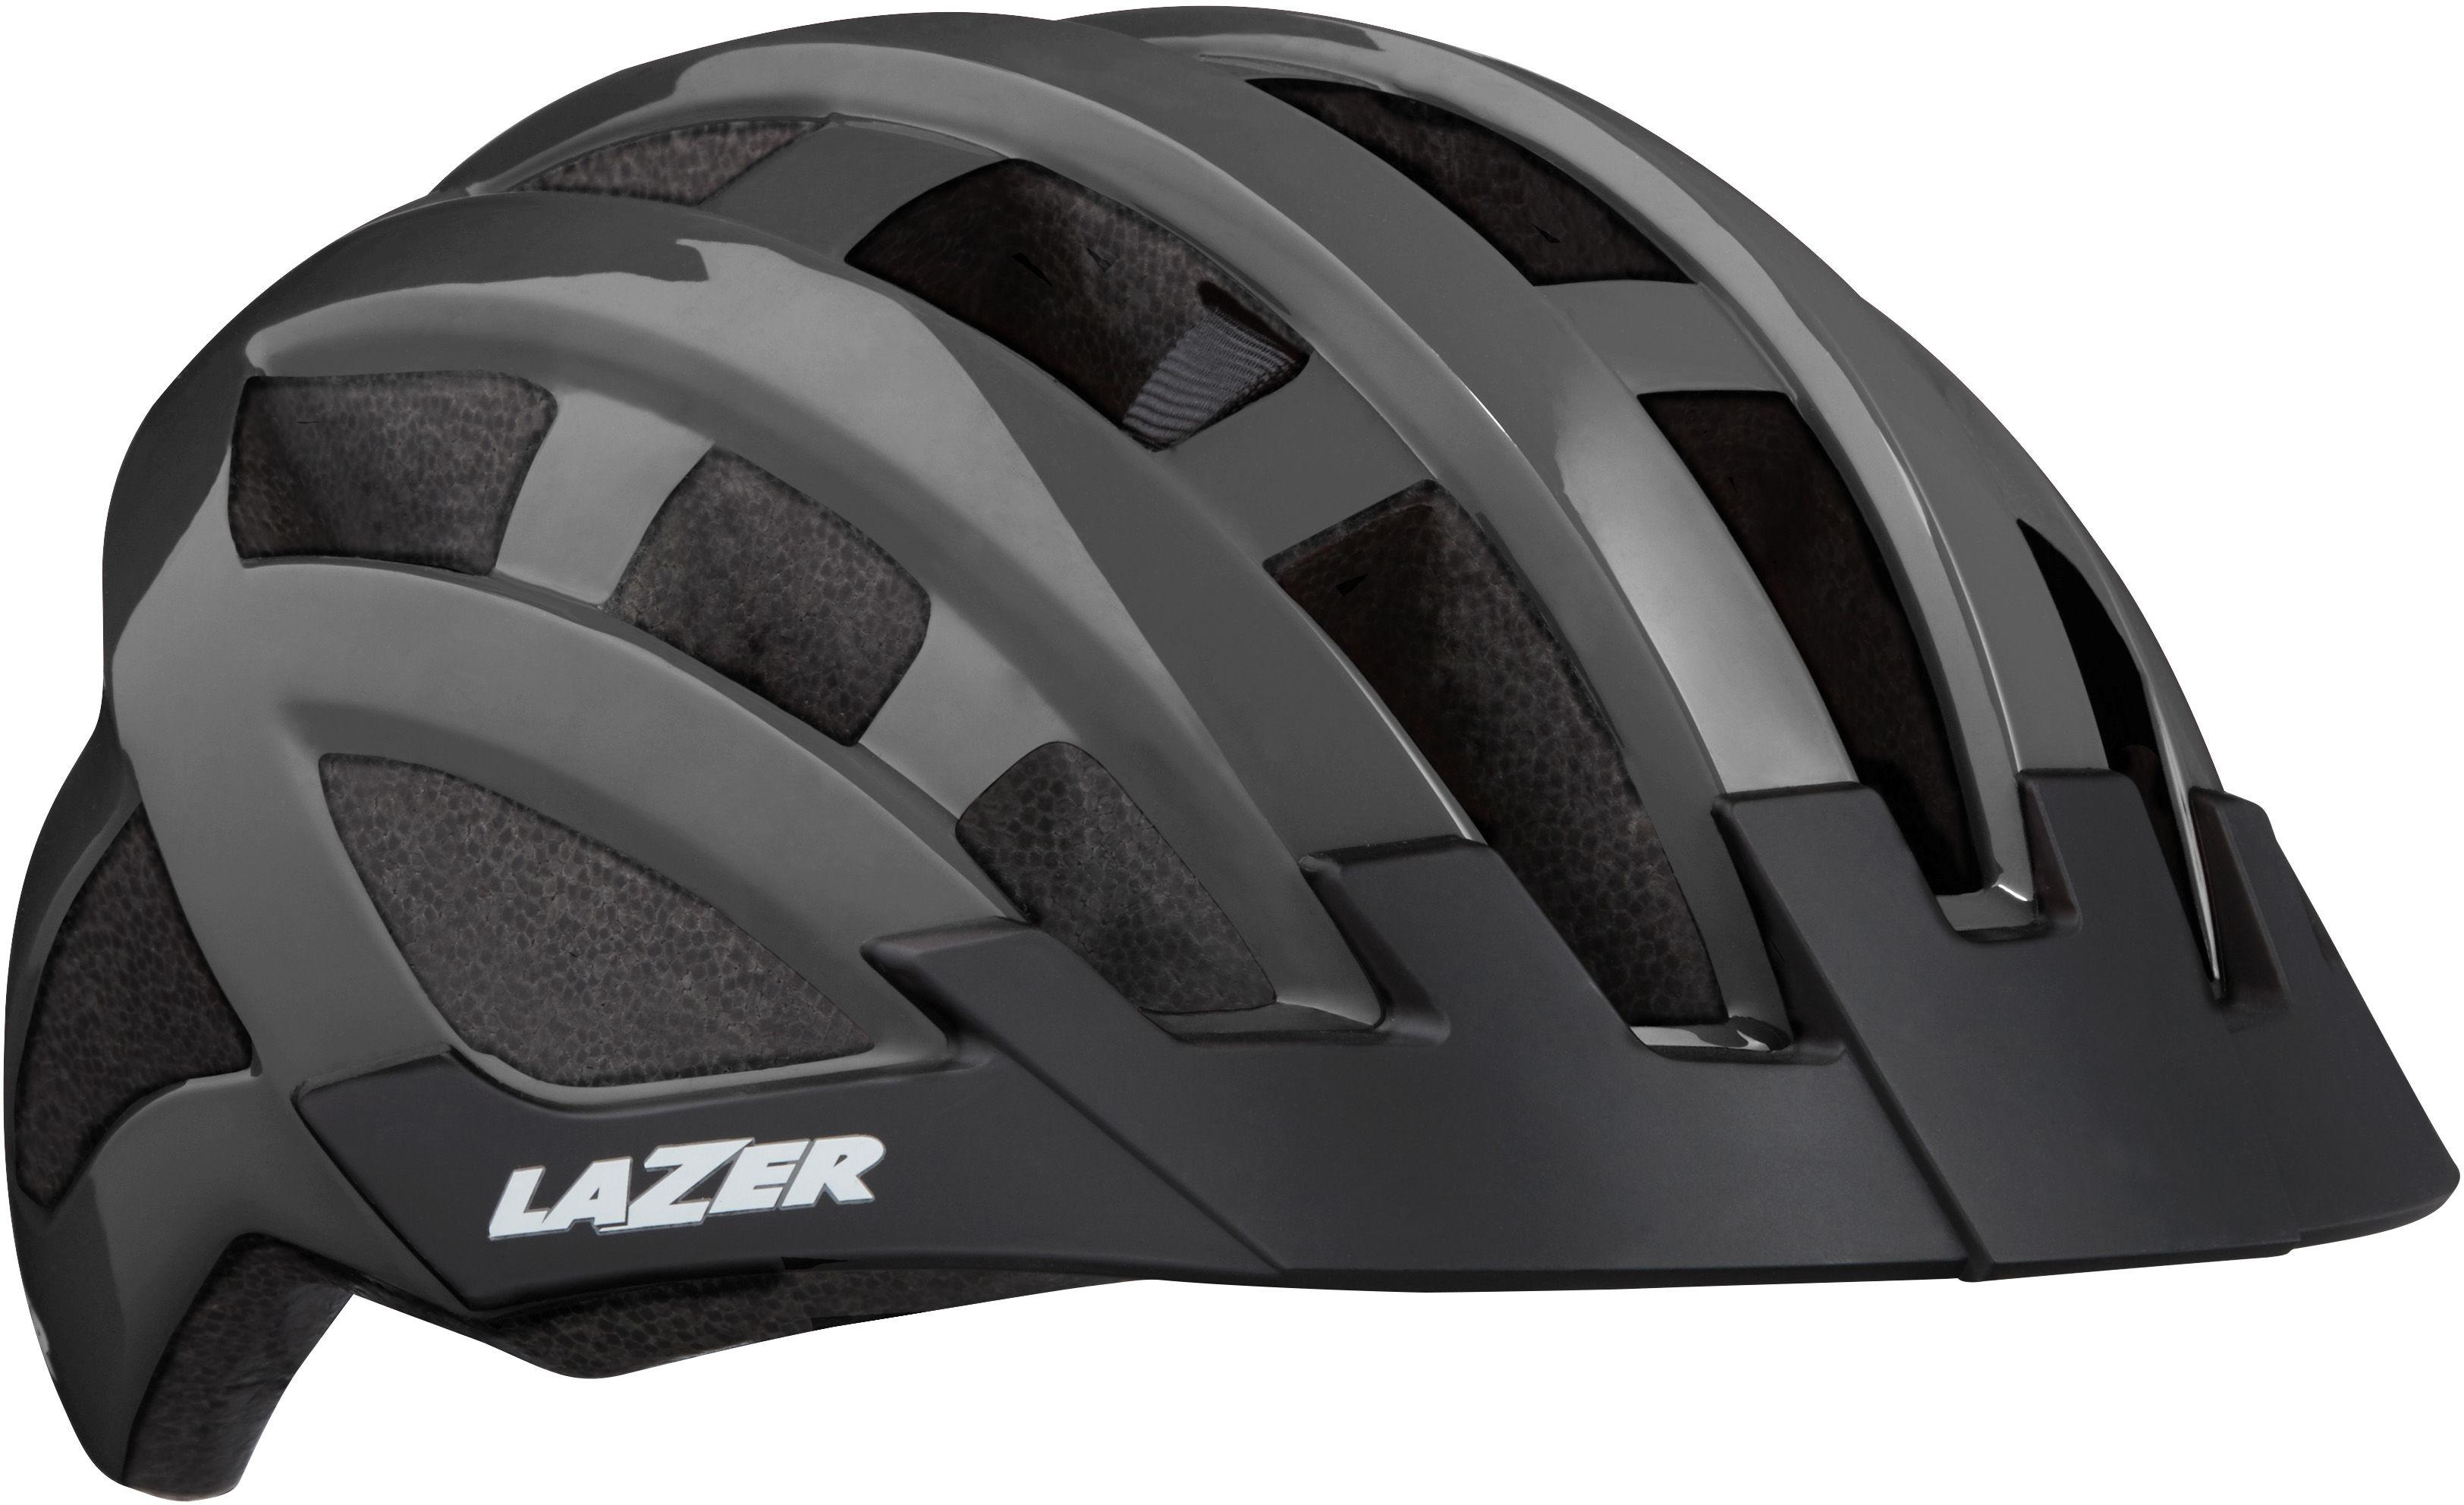 LAZER Compact kask rowerowy tytan połysk Rozmiar: 54-61,5420078850034